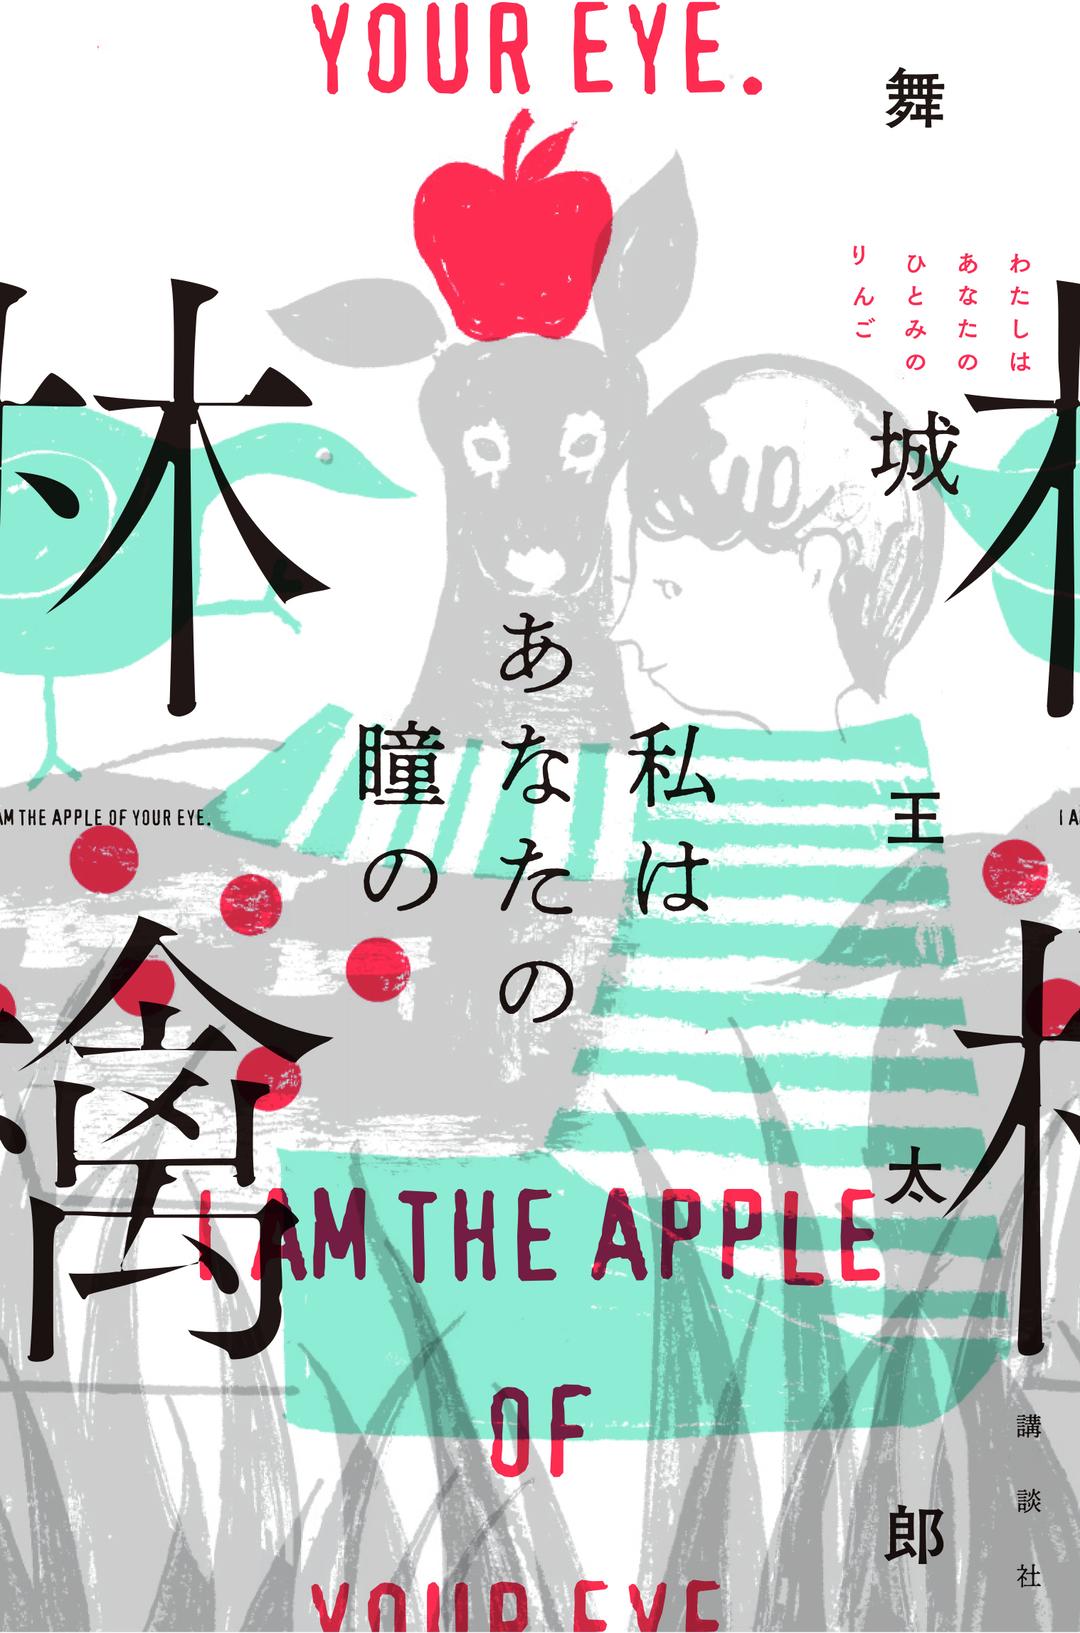 謎に包まれた作家さんによるド直球恋愛小説!